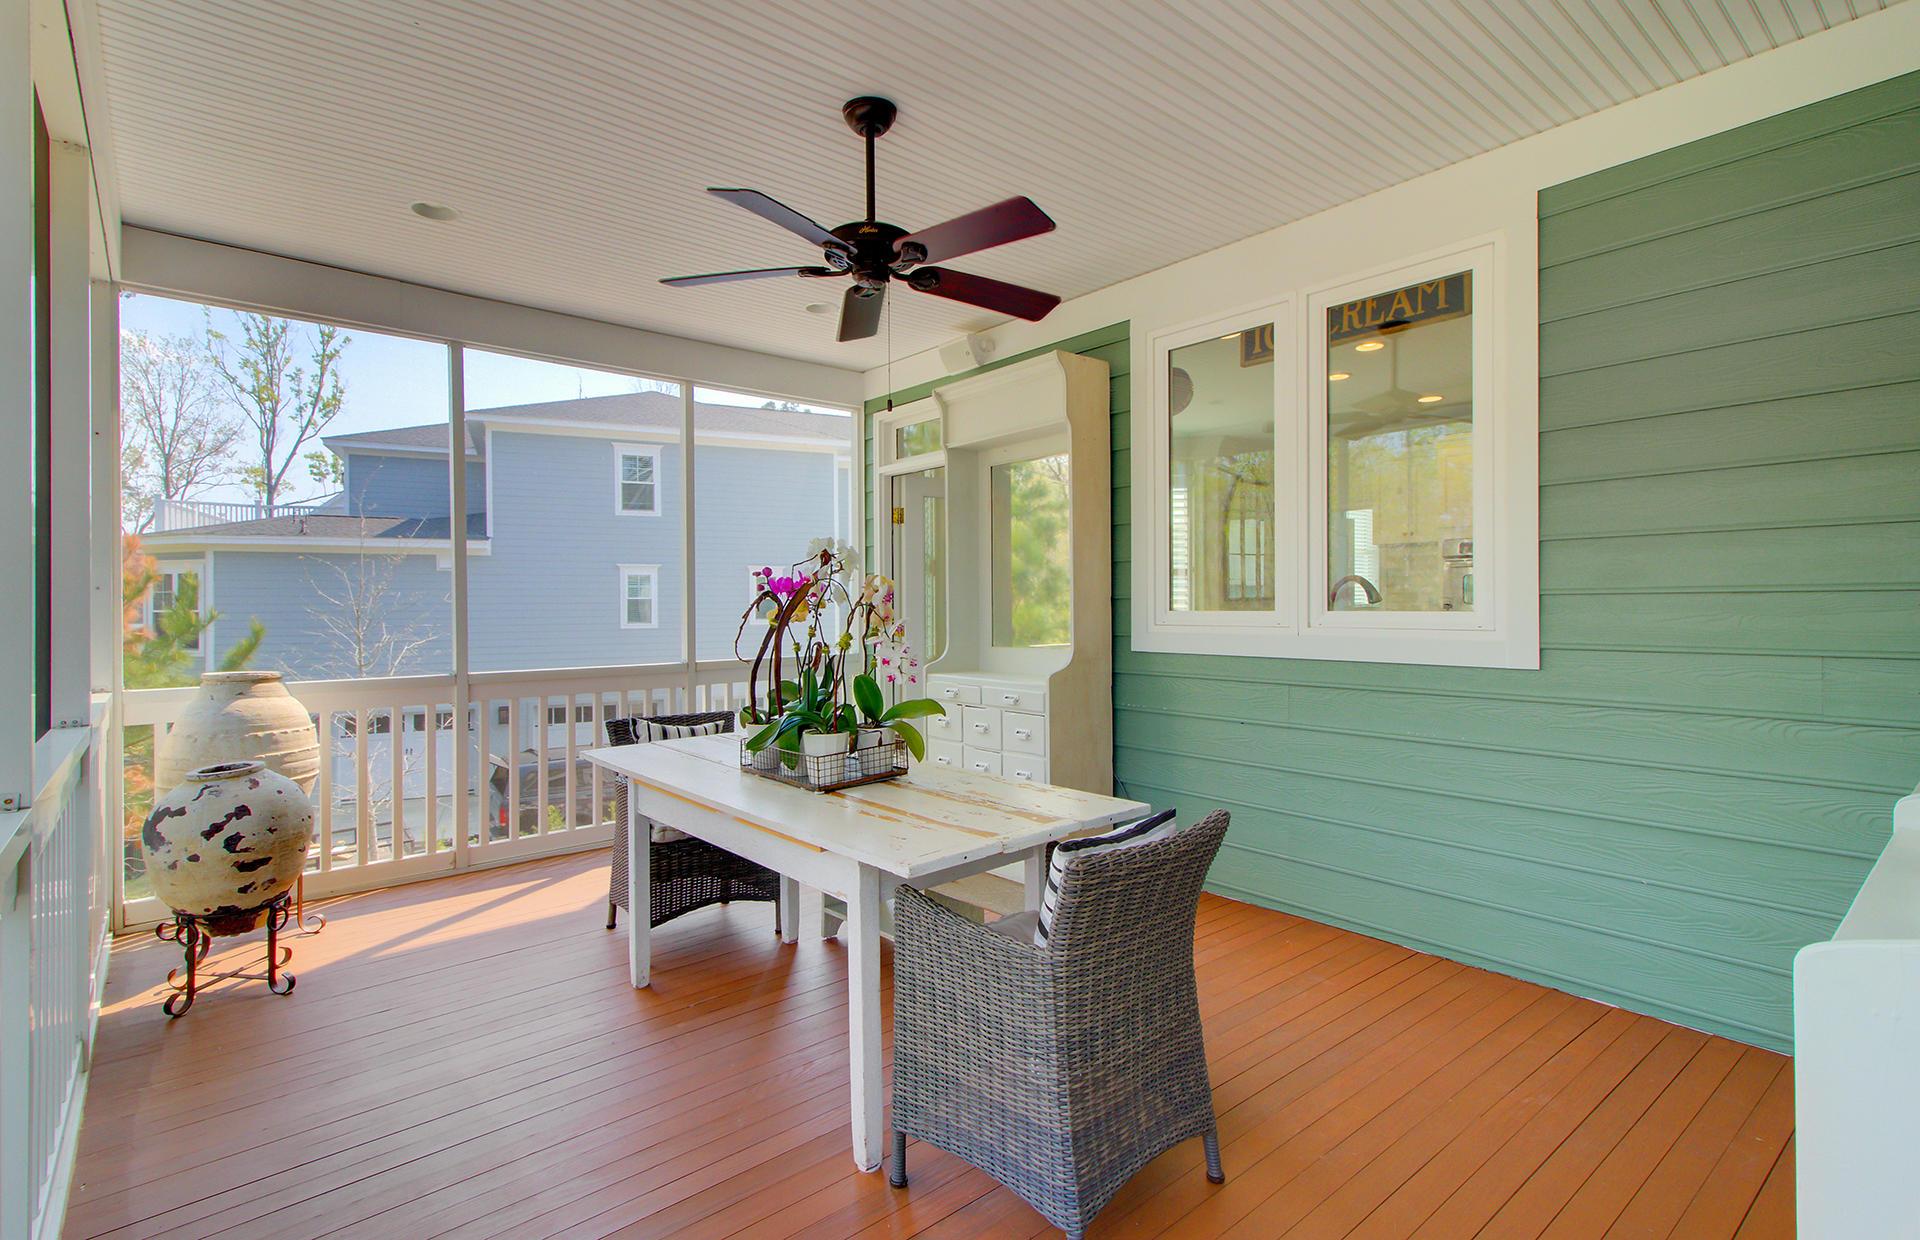 Dunes West Homes For Sale - 2913 Yachtsman, Mount Pleasant, SC - 23